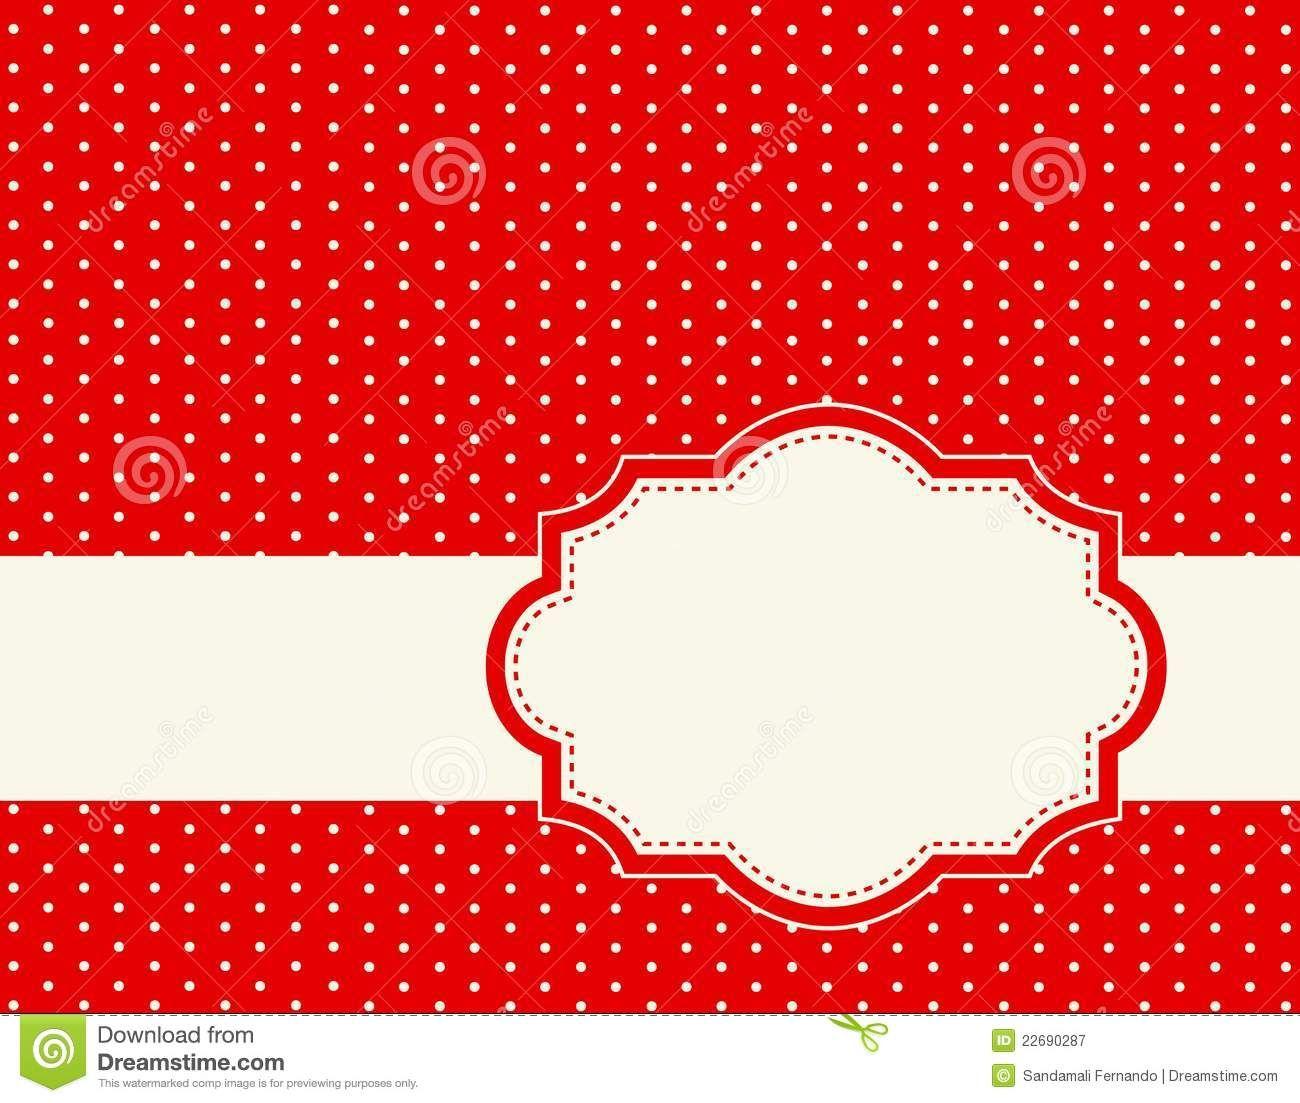 Retro Polka Dot Background Stock Images Image 24936794